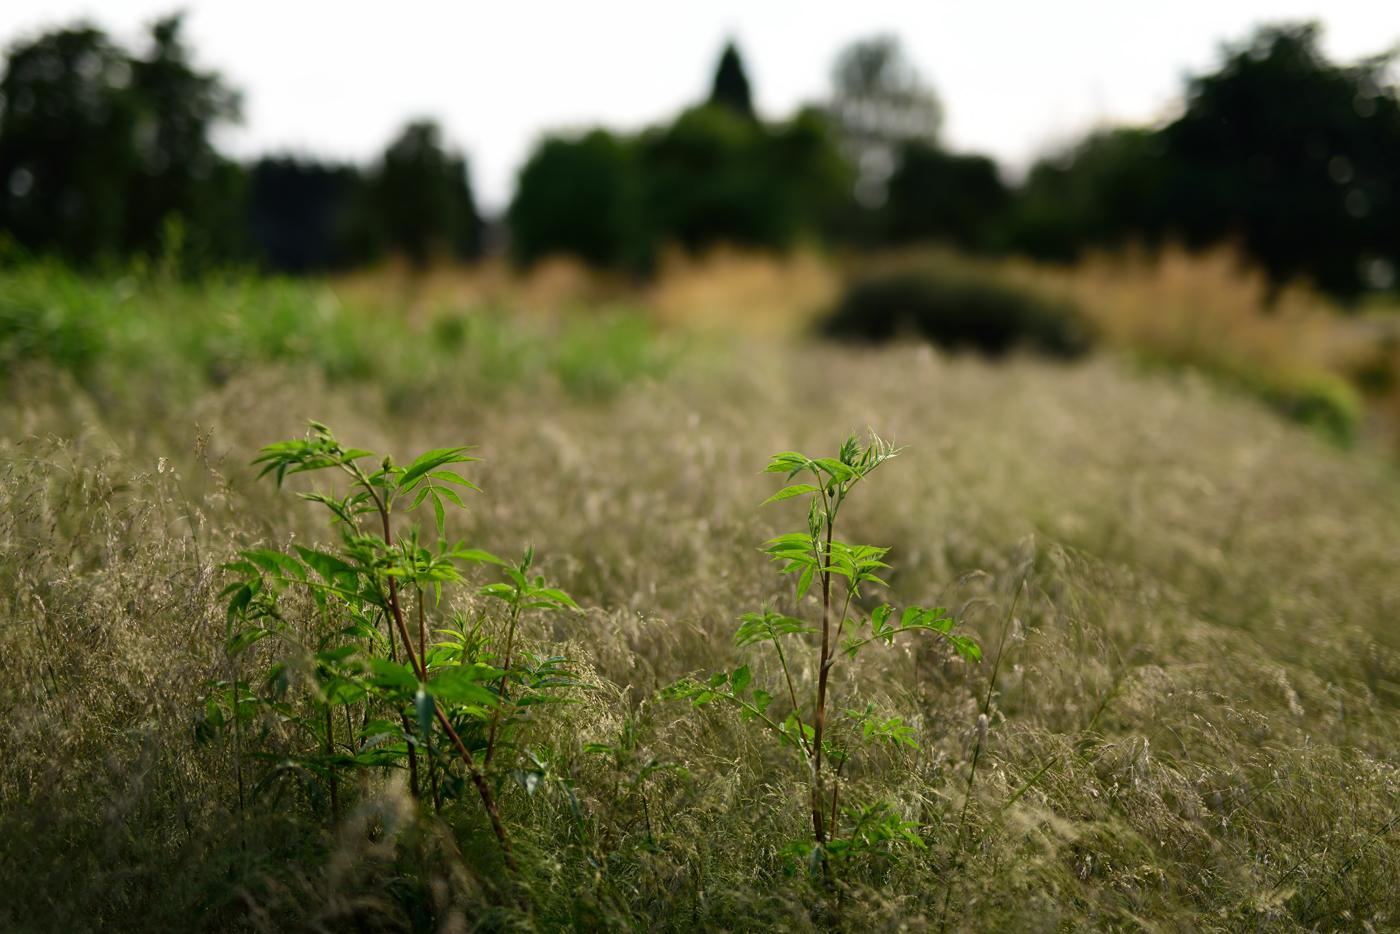 Der frische Austrieb vom Chinesischen Süßholz (Glycyrrhiza yunnanensis) in Rasen-Schmiele